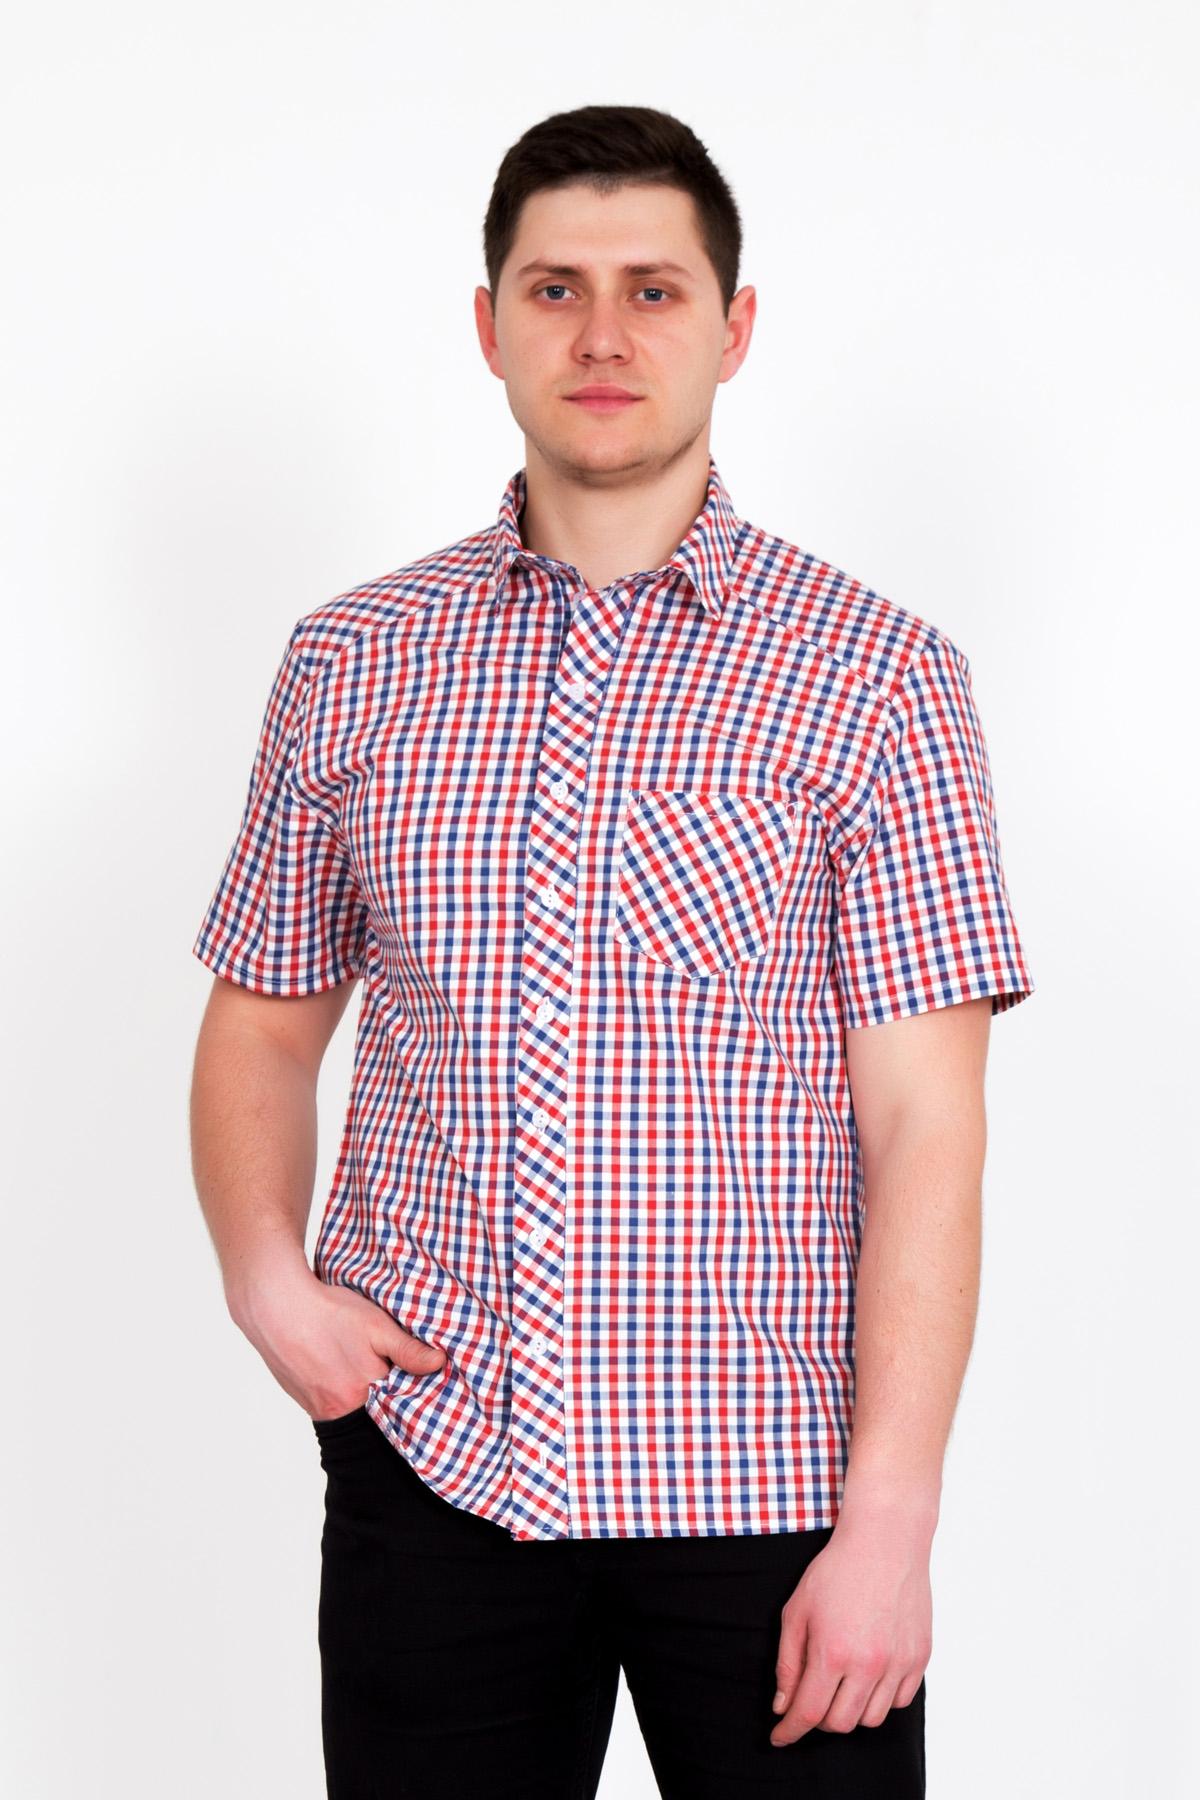 Муж. рубашка Оливер р. 66Распродажа товаров<br>Обхват груди: 132 см <br>Обхват талии: 128 см <br>Обхват бедер: 134 см <br>Длина по спинке: 78 см <br>Рост: 178-188 см<br><br>Тип: Муж. рубашка<br>Размер: 66<br>Материал: Сорочечная перкаль